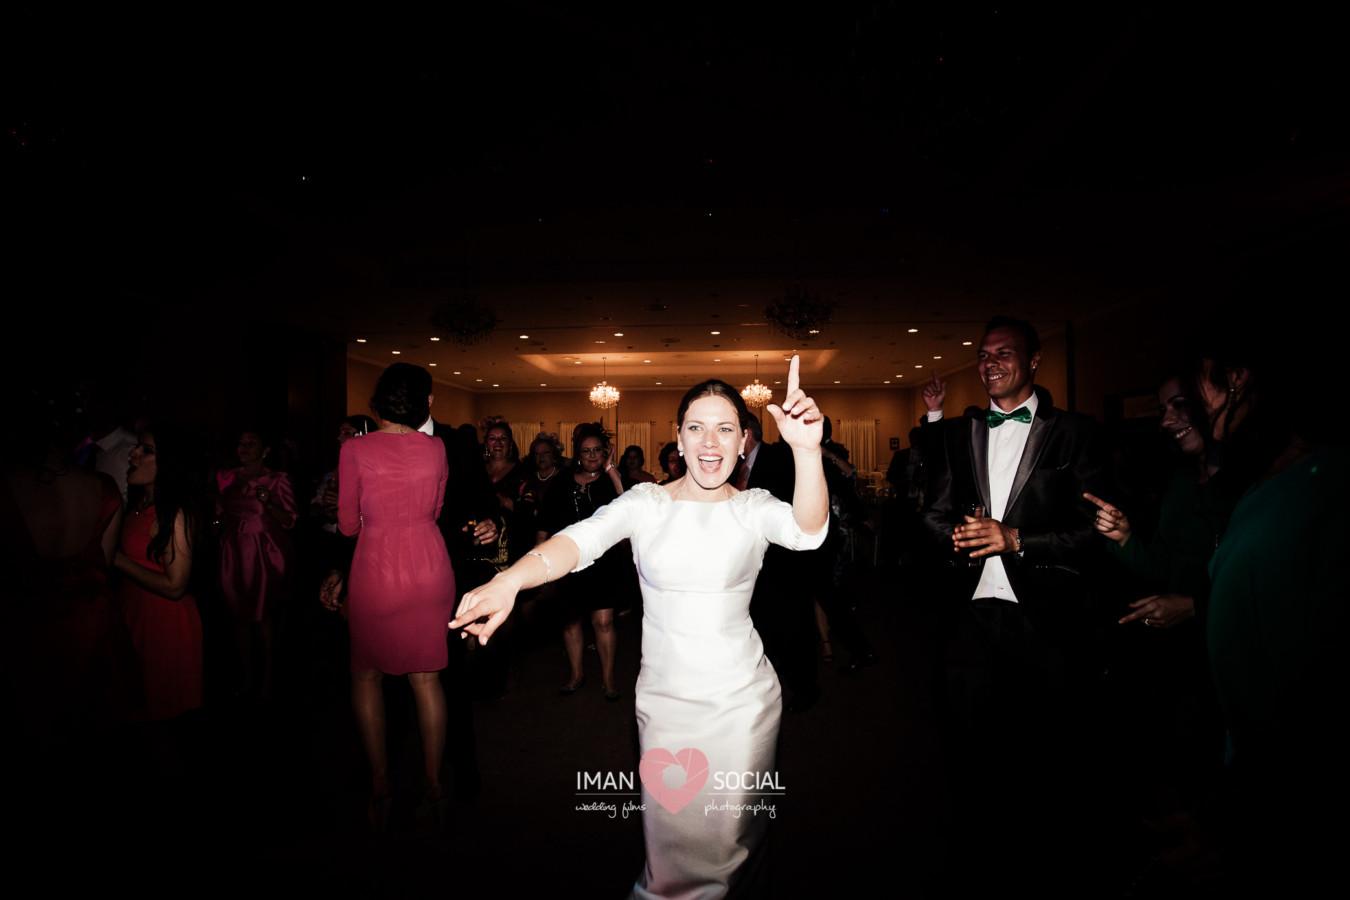 fotografo-de-boda-en-cordoba-sevilla-posadas-boda-auxi-y-antonio-48 Auxi & Antonio, primera boda de la temporada - video boda cordoba